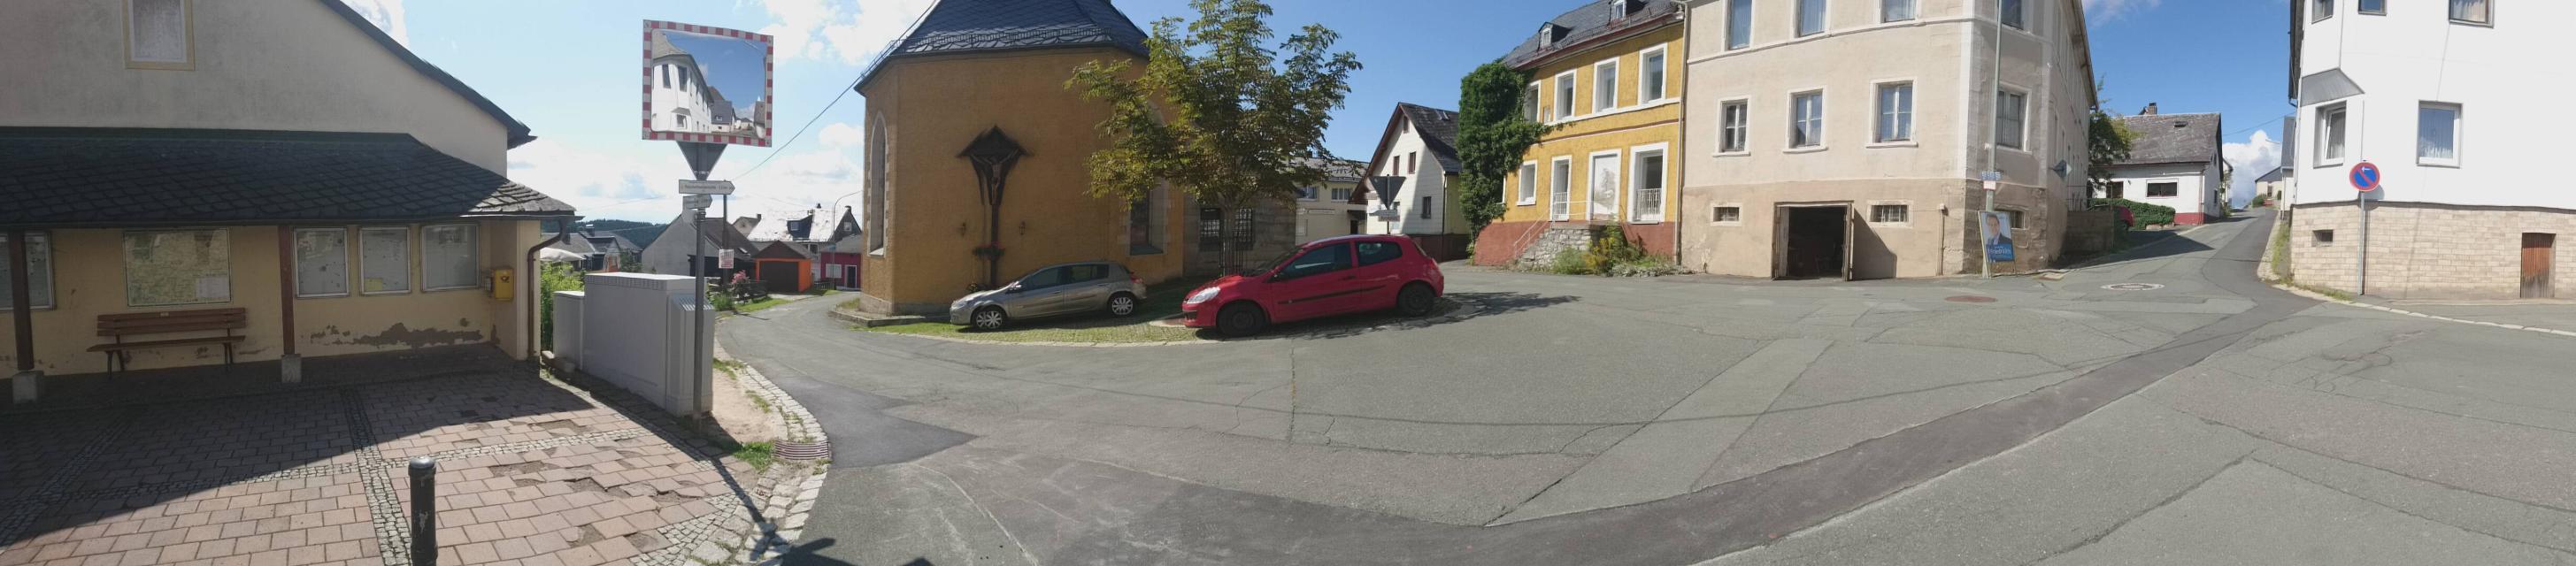 Enchenreuth